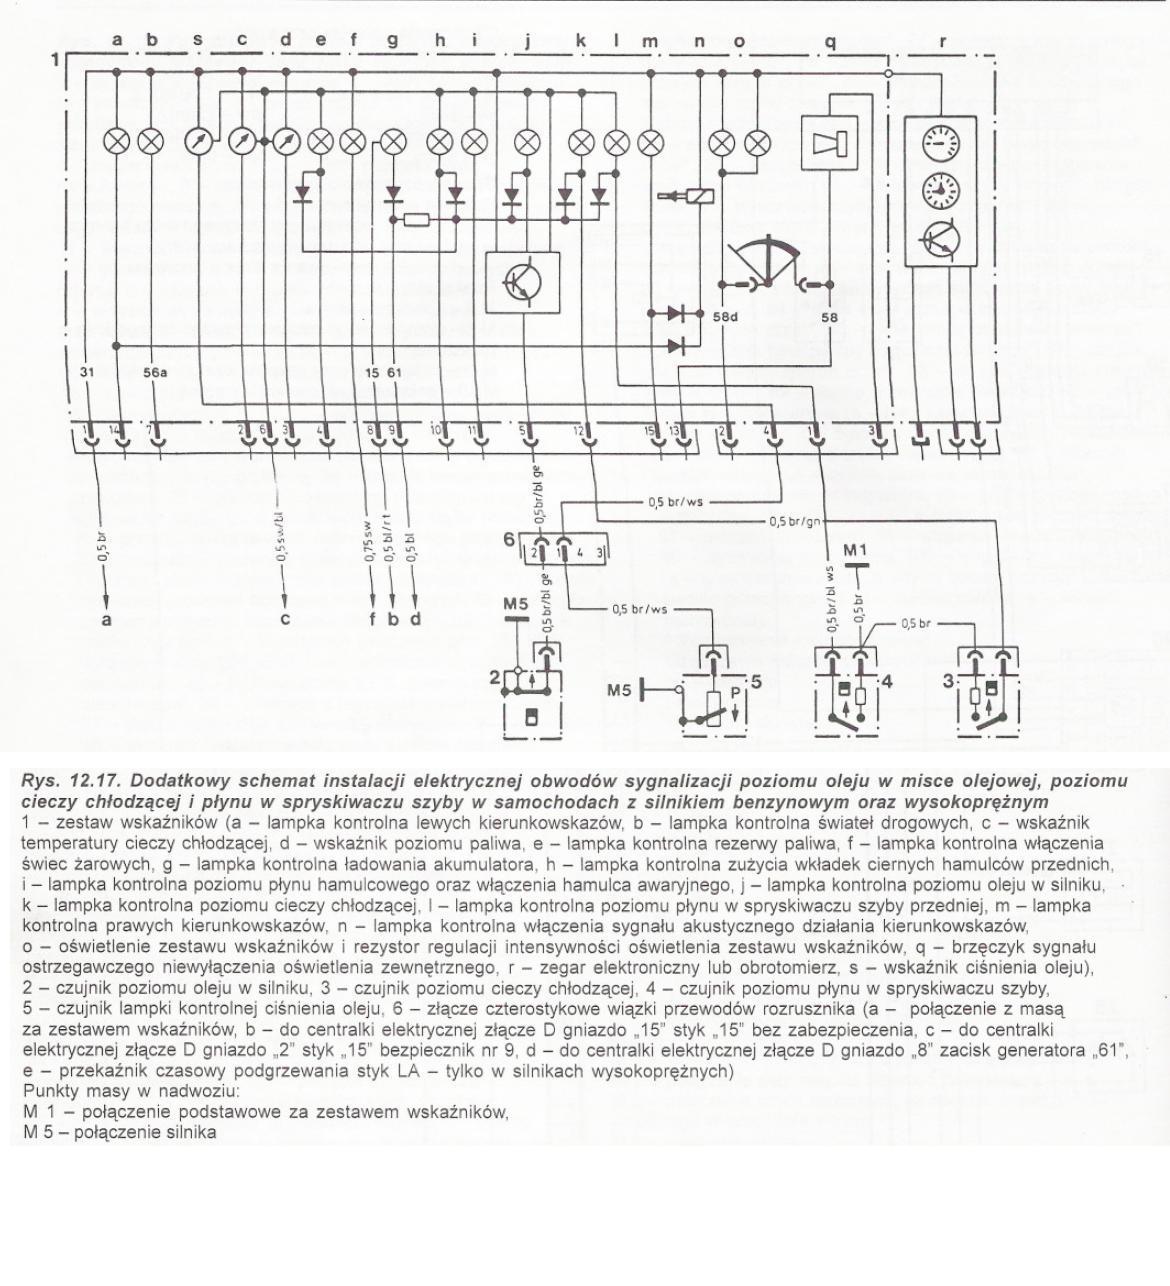 mercedes w201  -  rozpiska 15 pinowej kostki przy liczniku